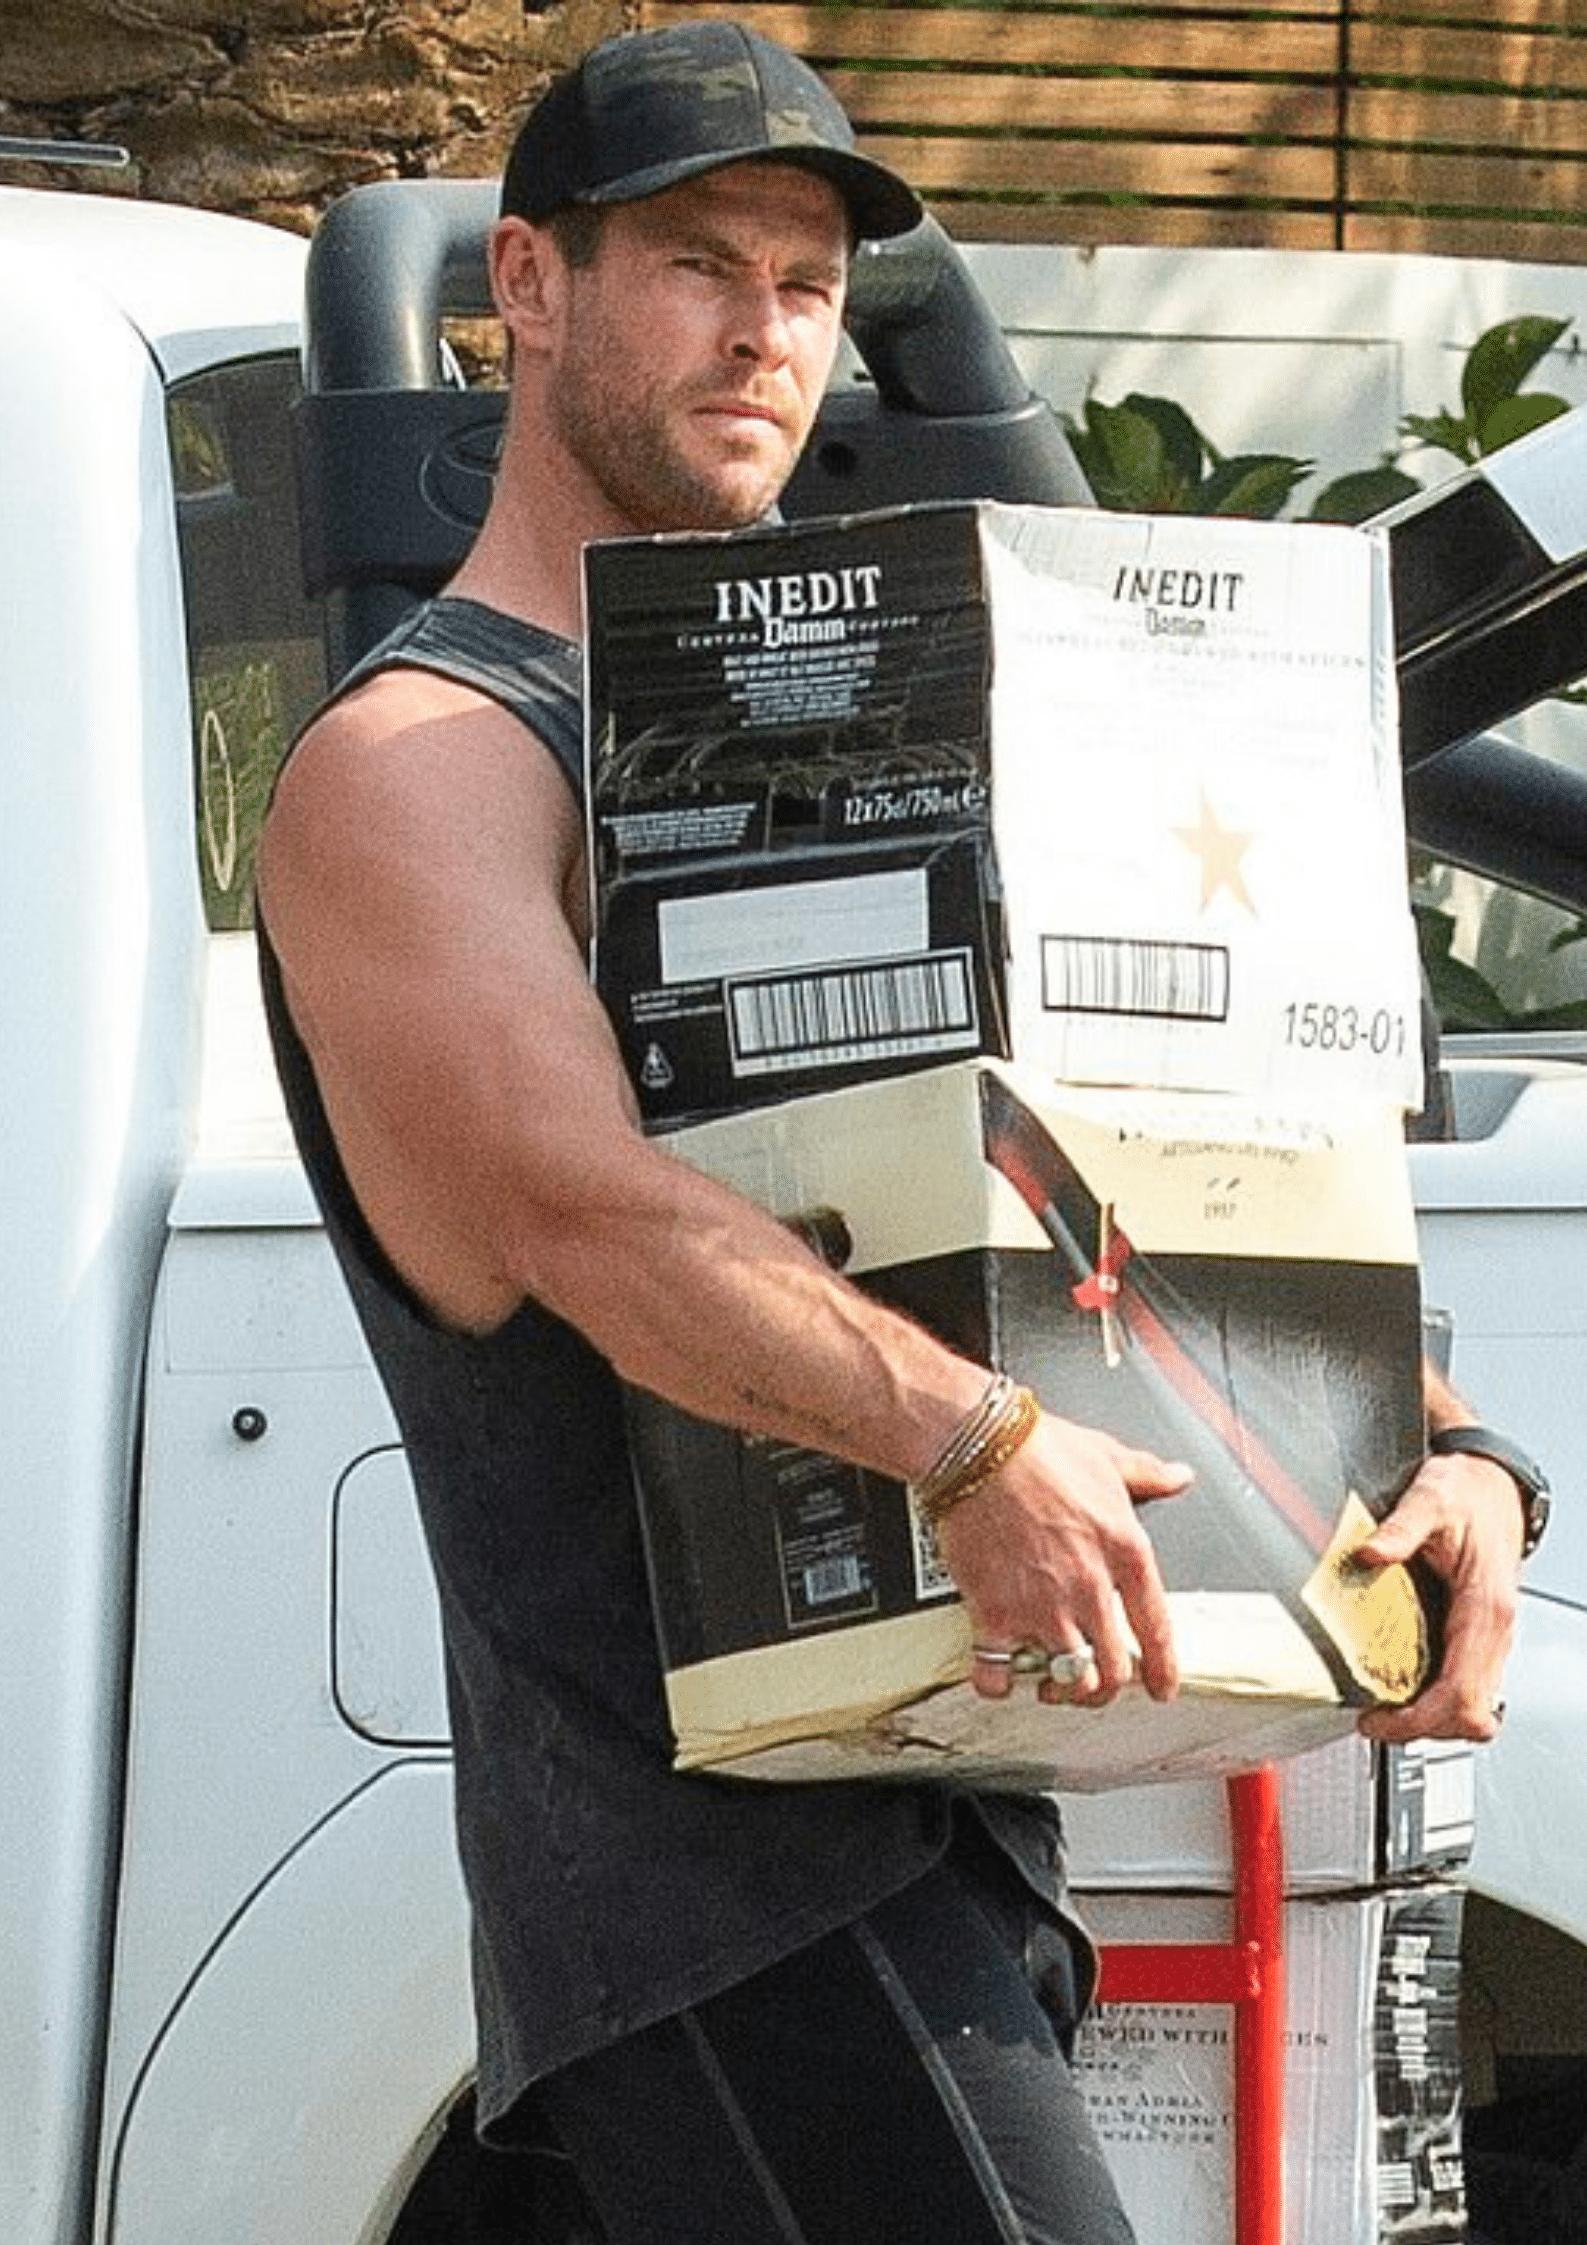 Chris Hemsworth beers